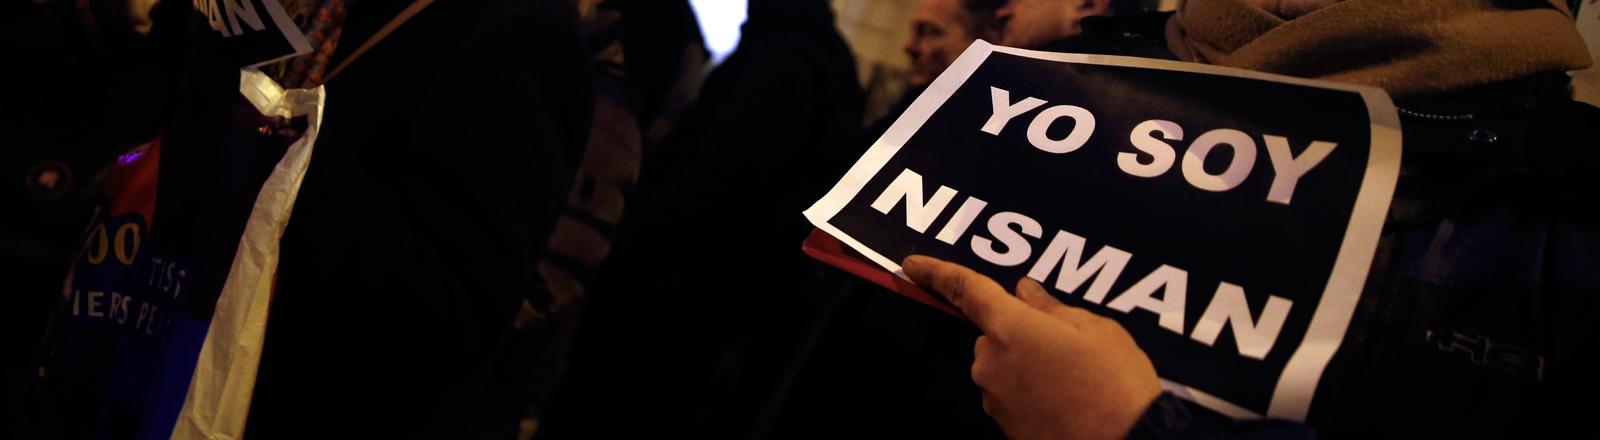 """""""Ich bin Nisman"""", ein Demonstrant erinnert in Buenos Aires mit diesem Schild an den toten Staatsanwalt Alberto Nisman."""